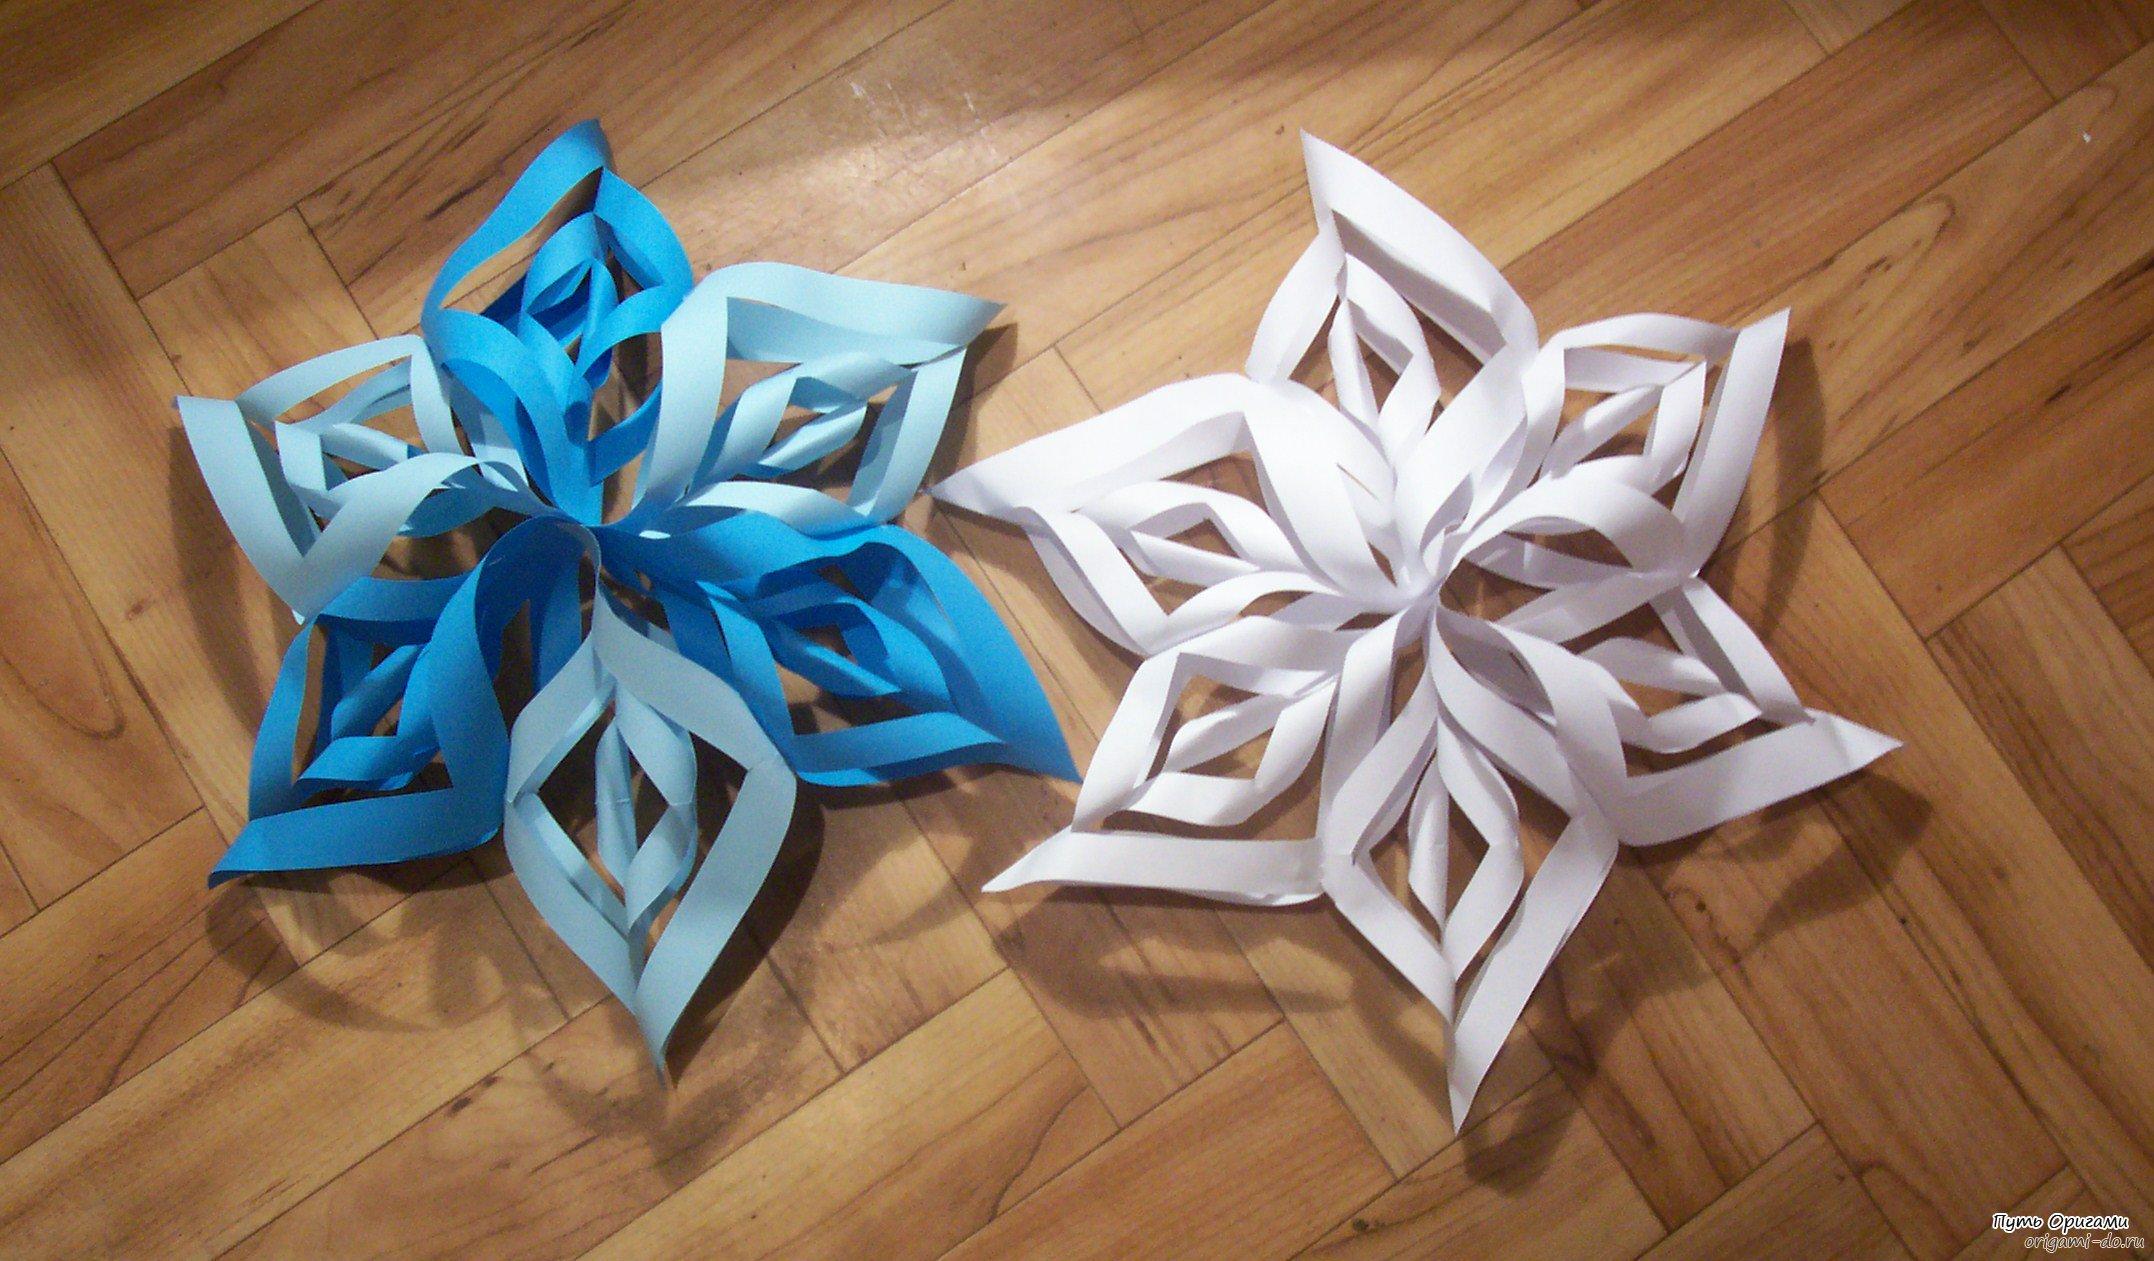 сам новогодние снежинки из бумаги своими руками фото помощью